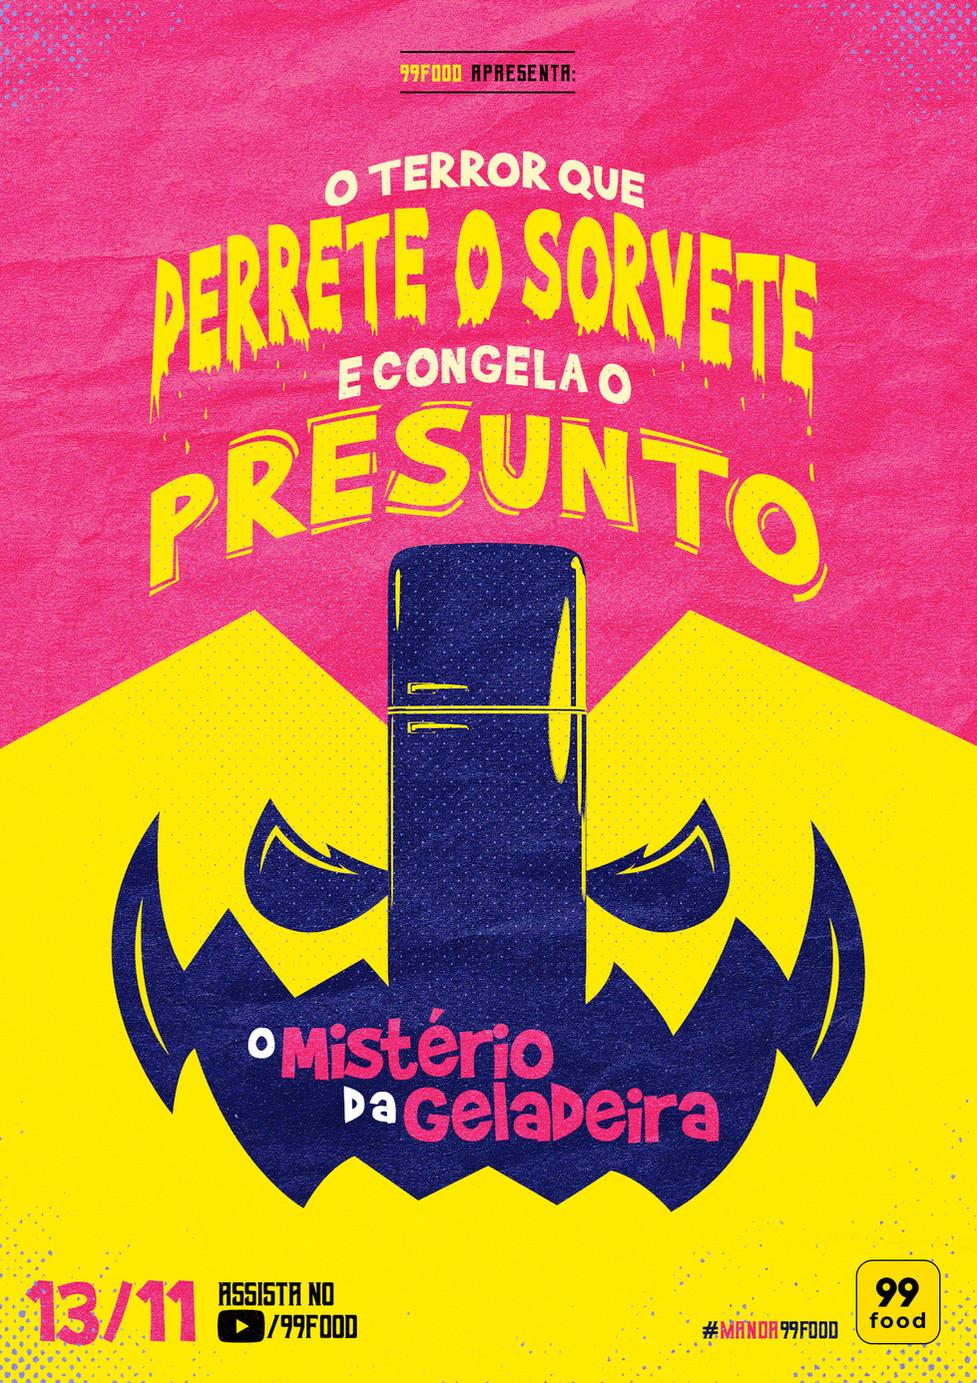 99Food_MisterioGeladeira_OOH-03.jpg